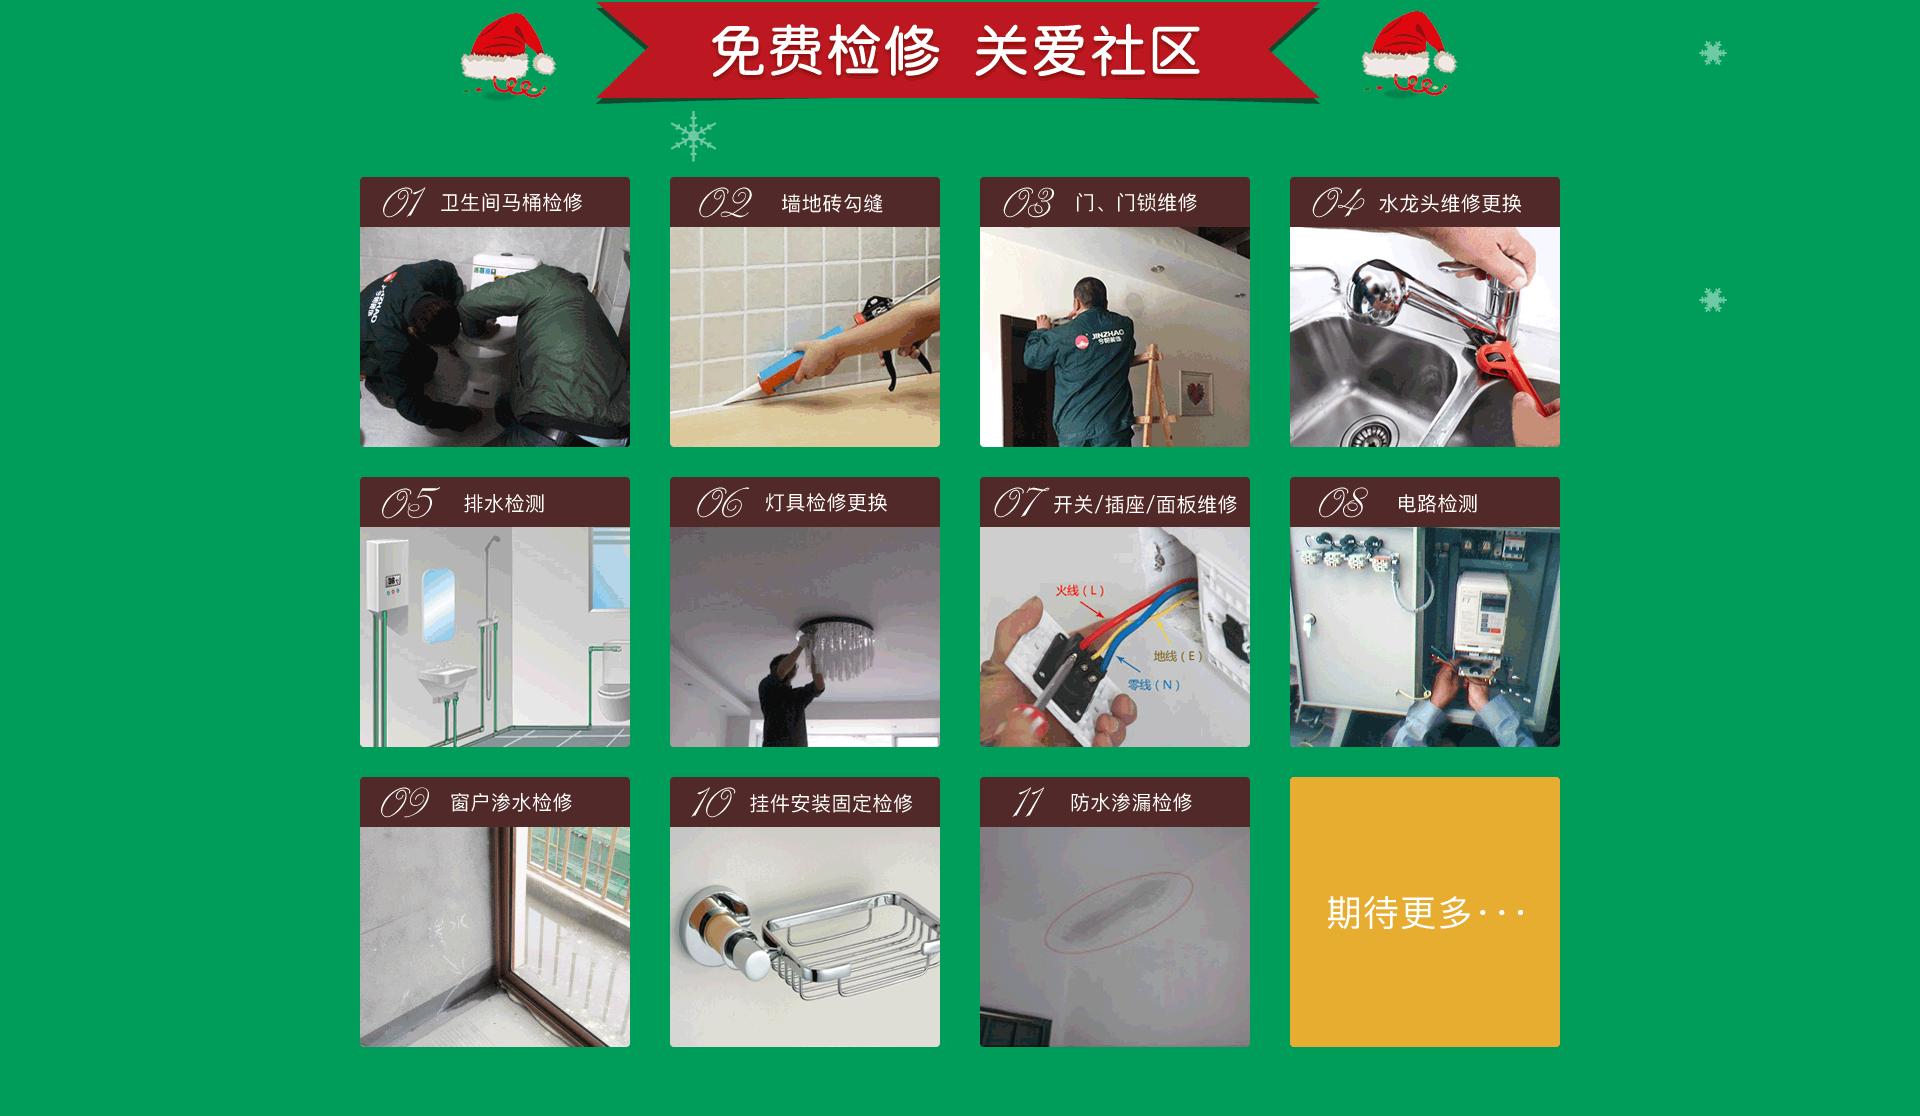 北京今朝装饰公司_家装跨年狂欢节,北京今朝装饰公司-装酷网